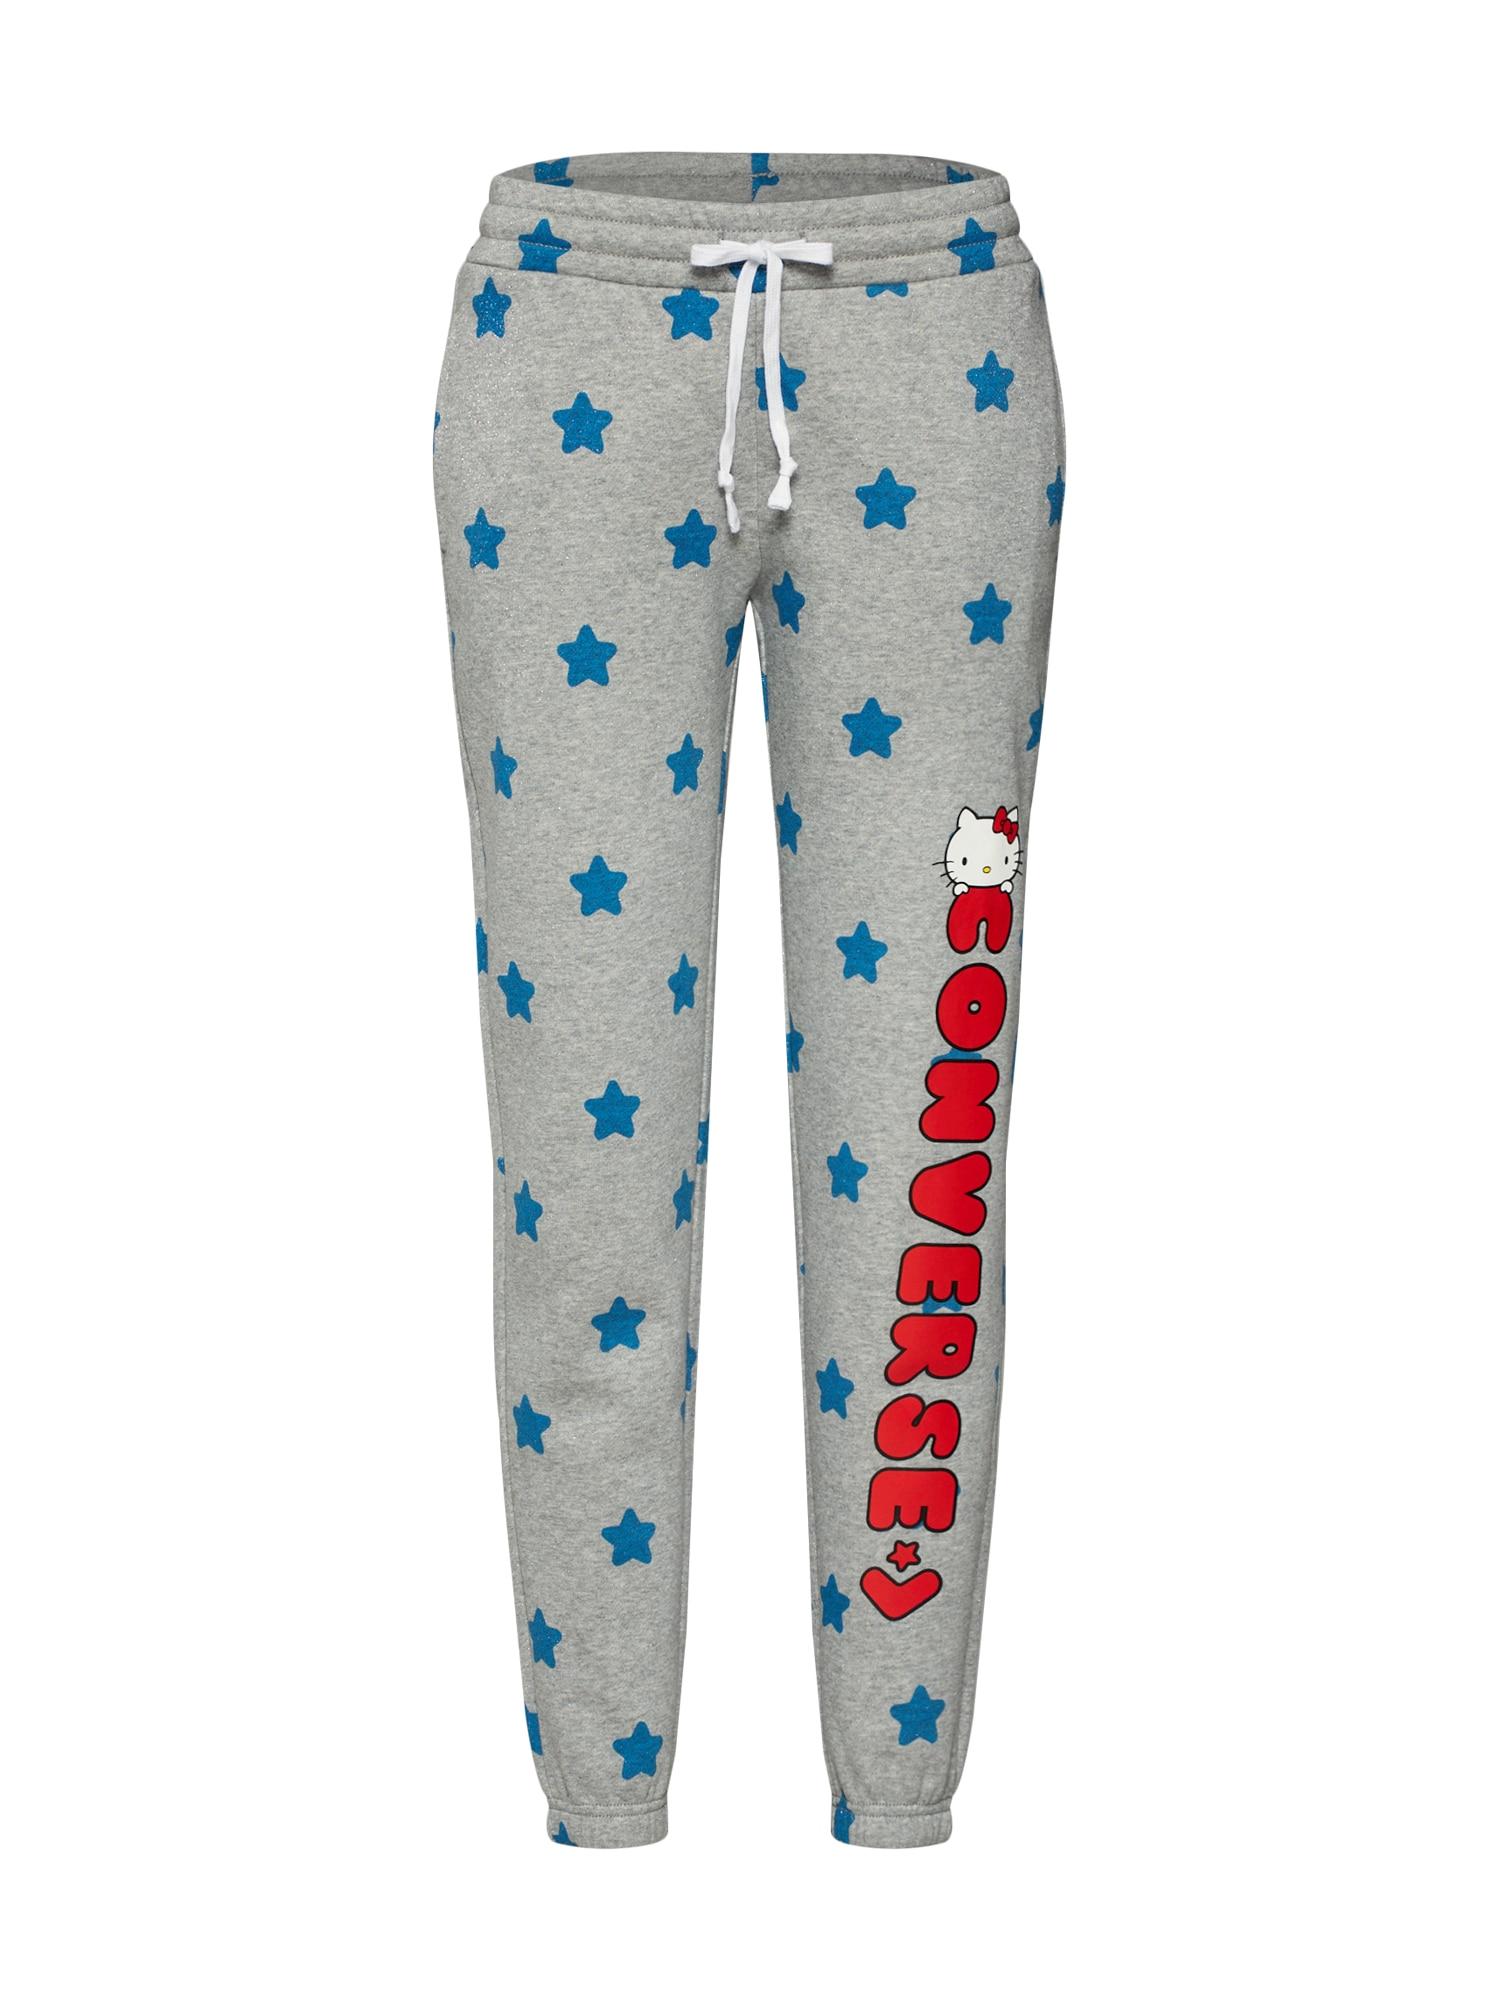 Kalhoty x HELLO KITTY STAR WHITE MULTI modrá šedá červená CONVERSE